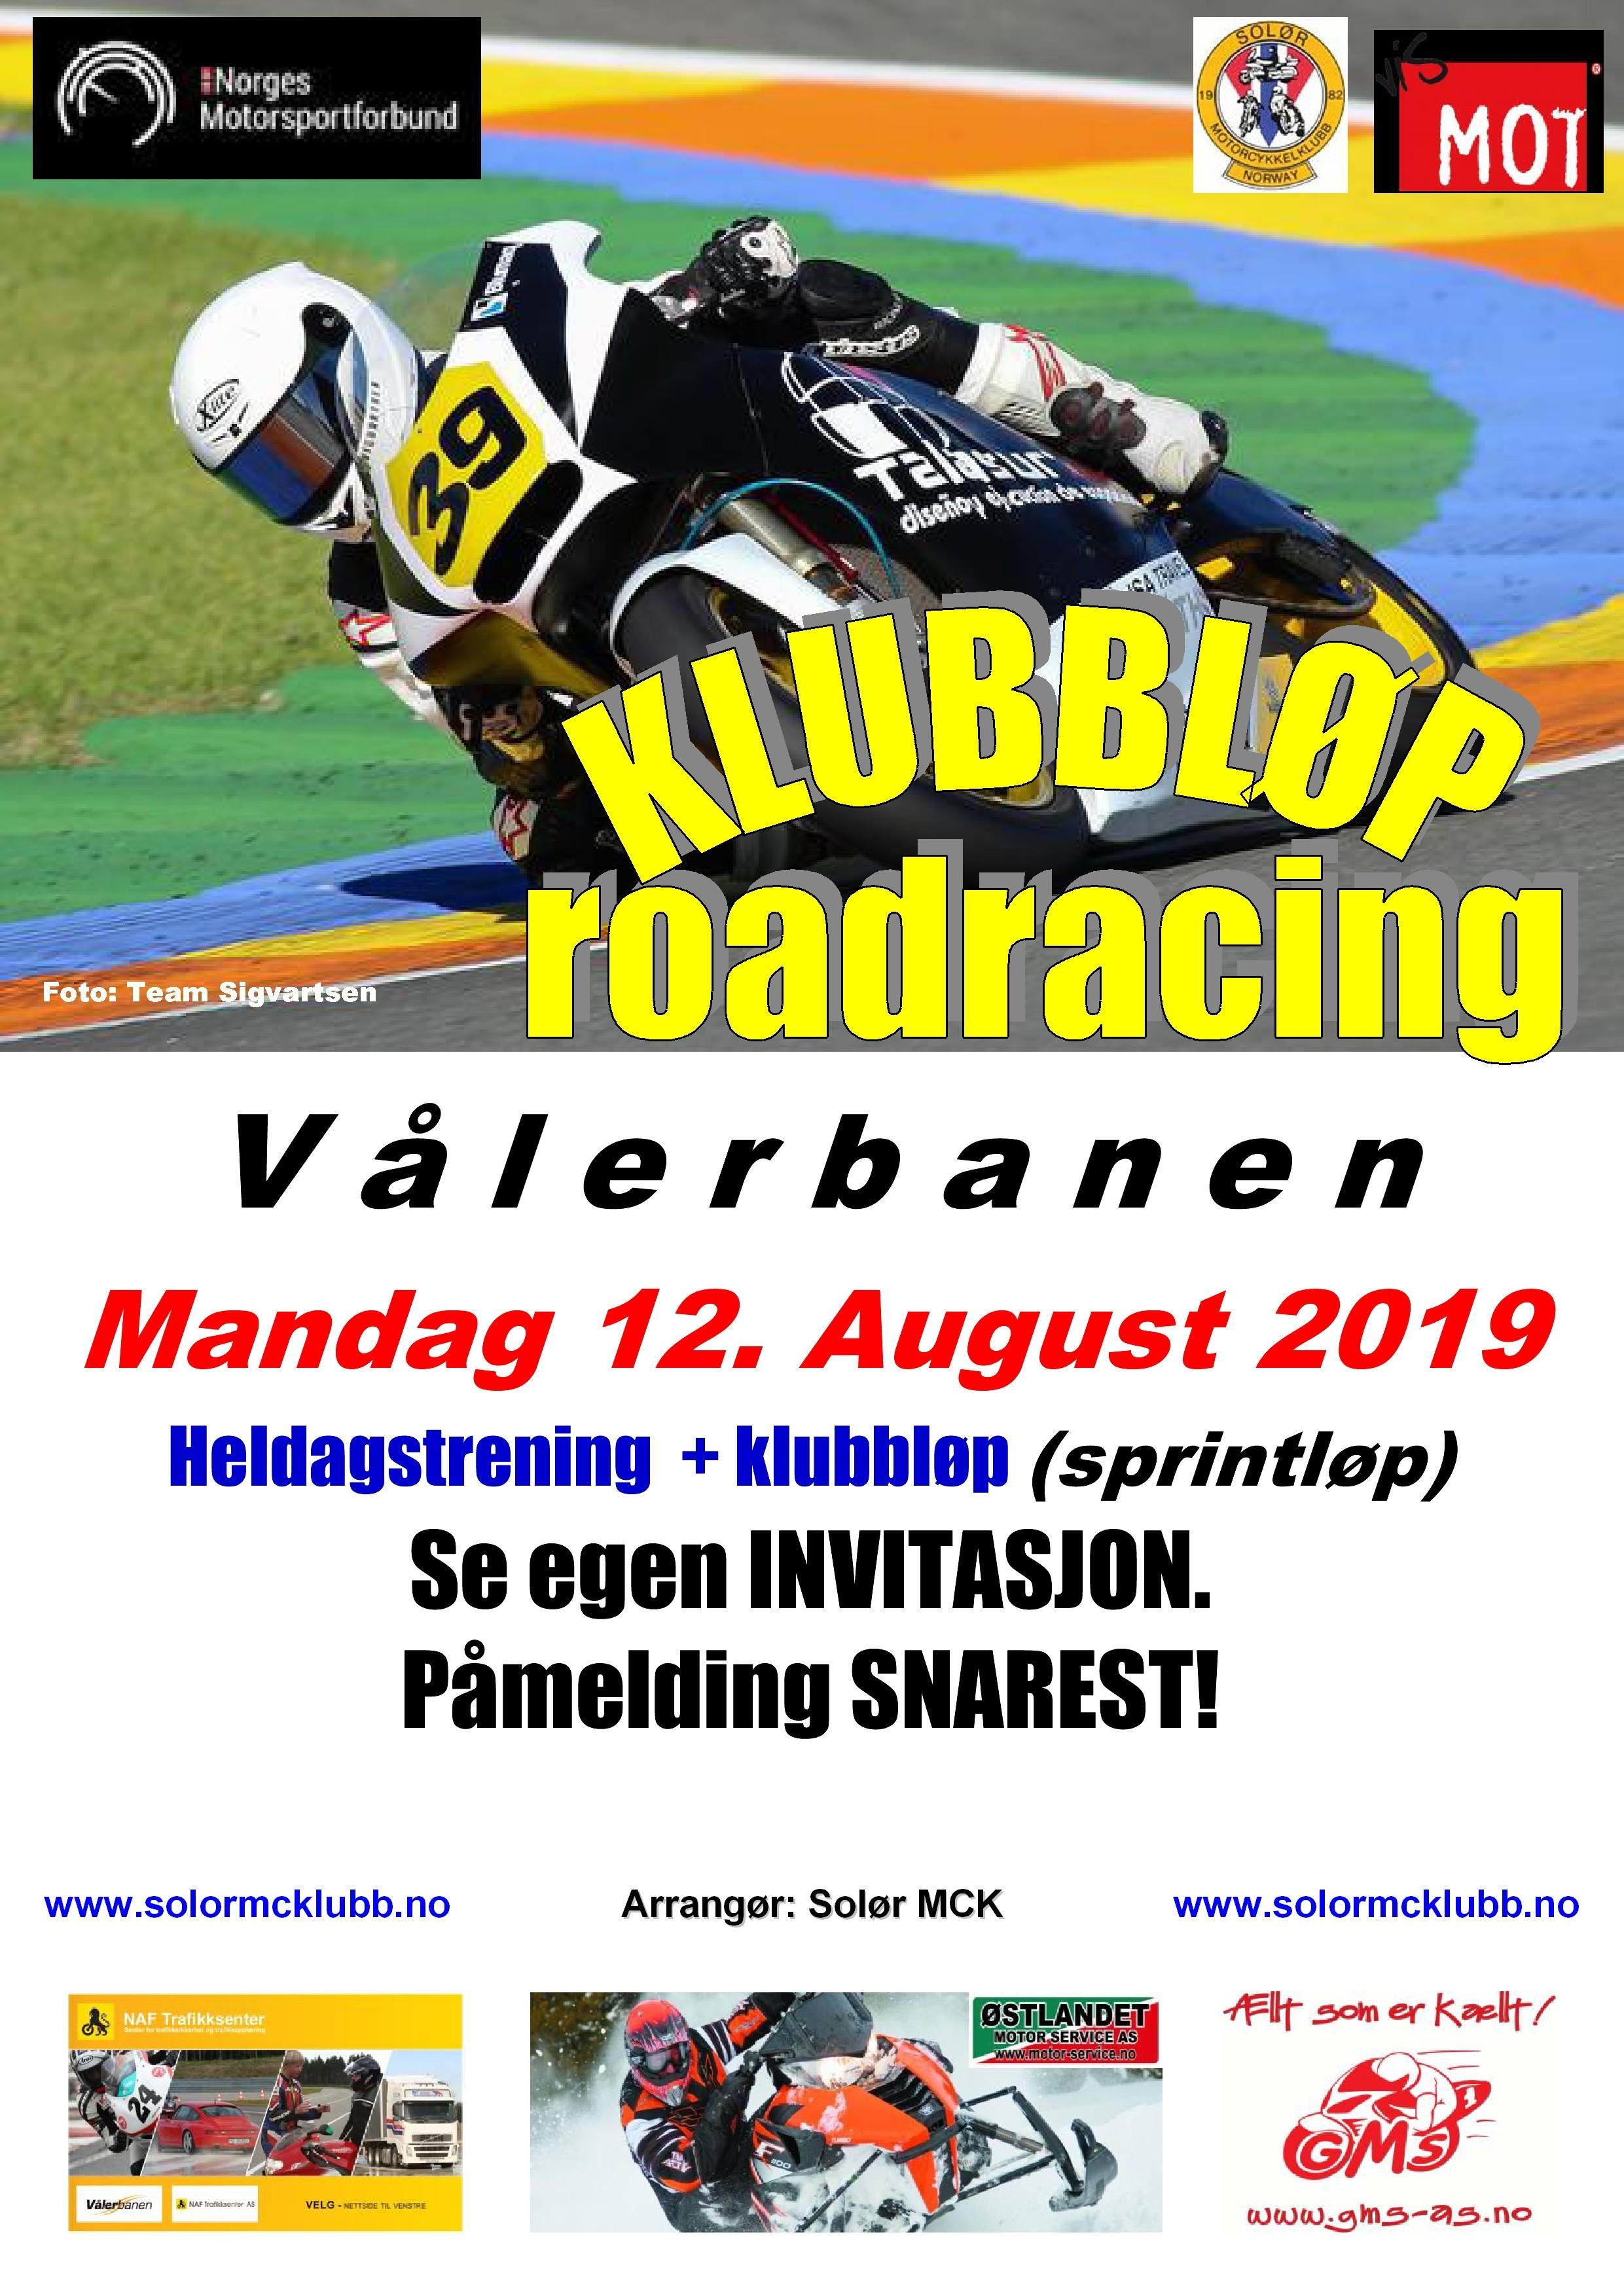 Poster KLUBBLØP 2 - RR 2019